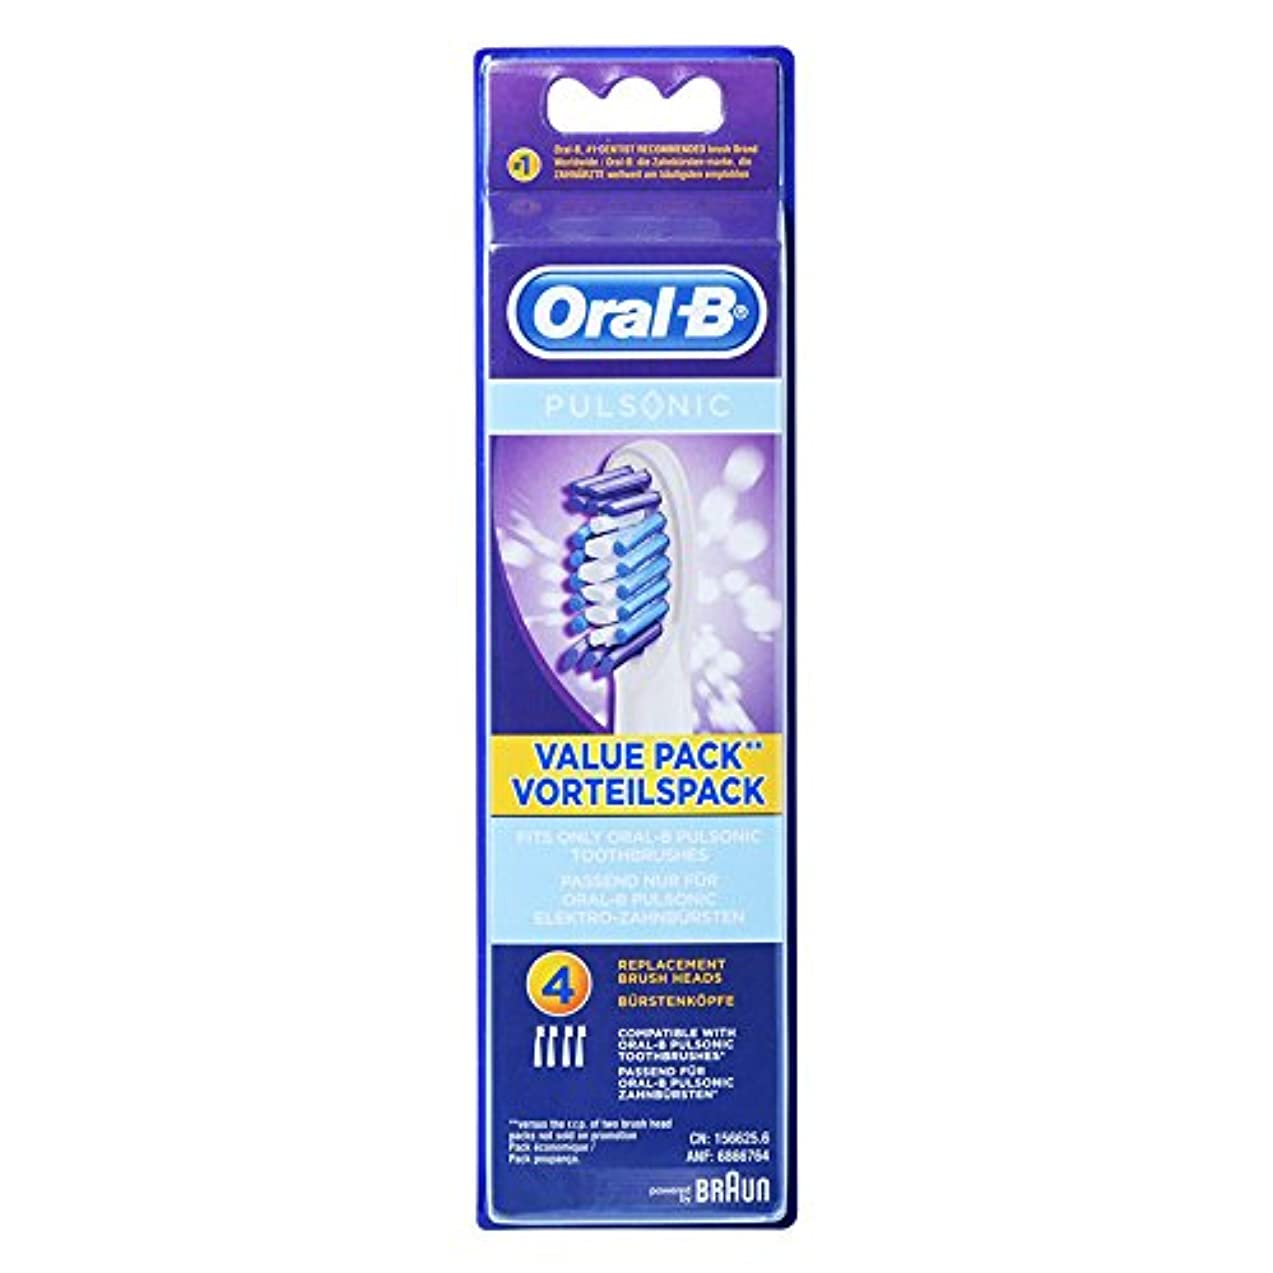 暴露畝間ヘロインBraun Oral-B SR32-4 Pulsonic Value Pack 交換用ブラシヘッド 1Pack [並行輸入品]